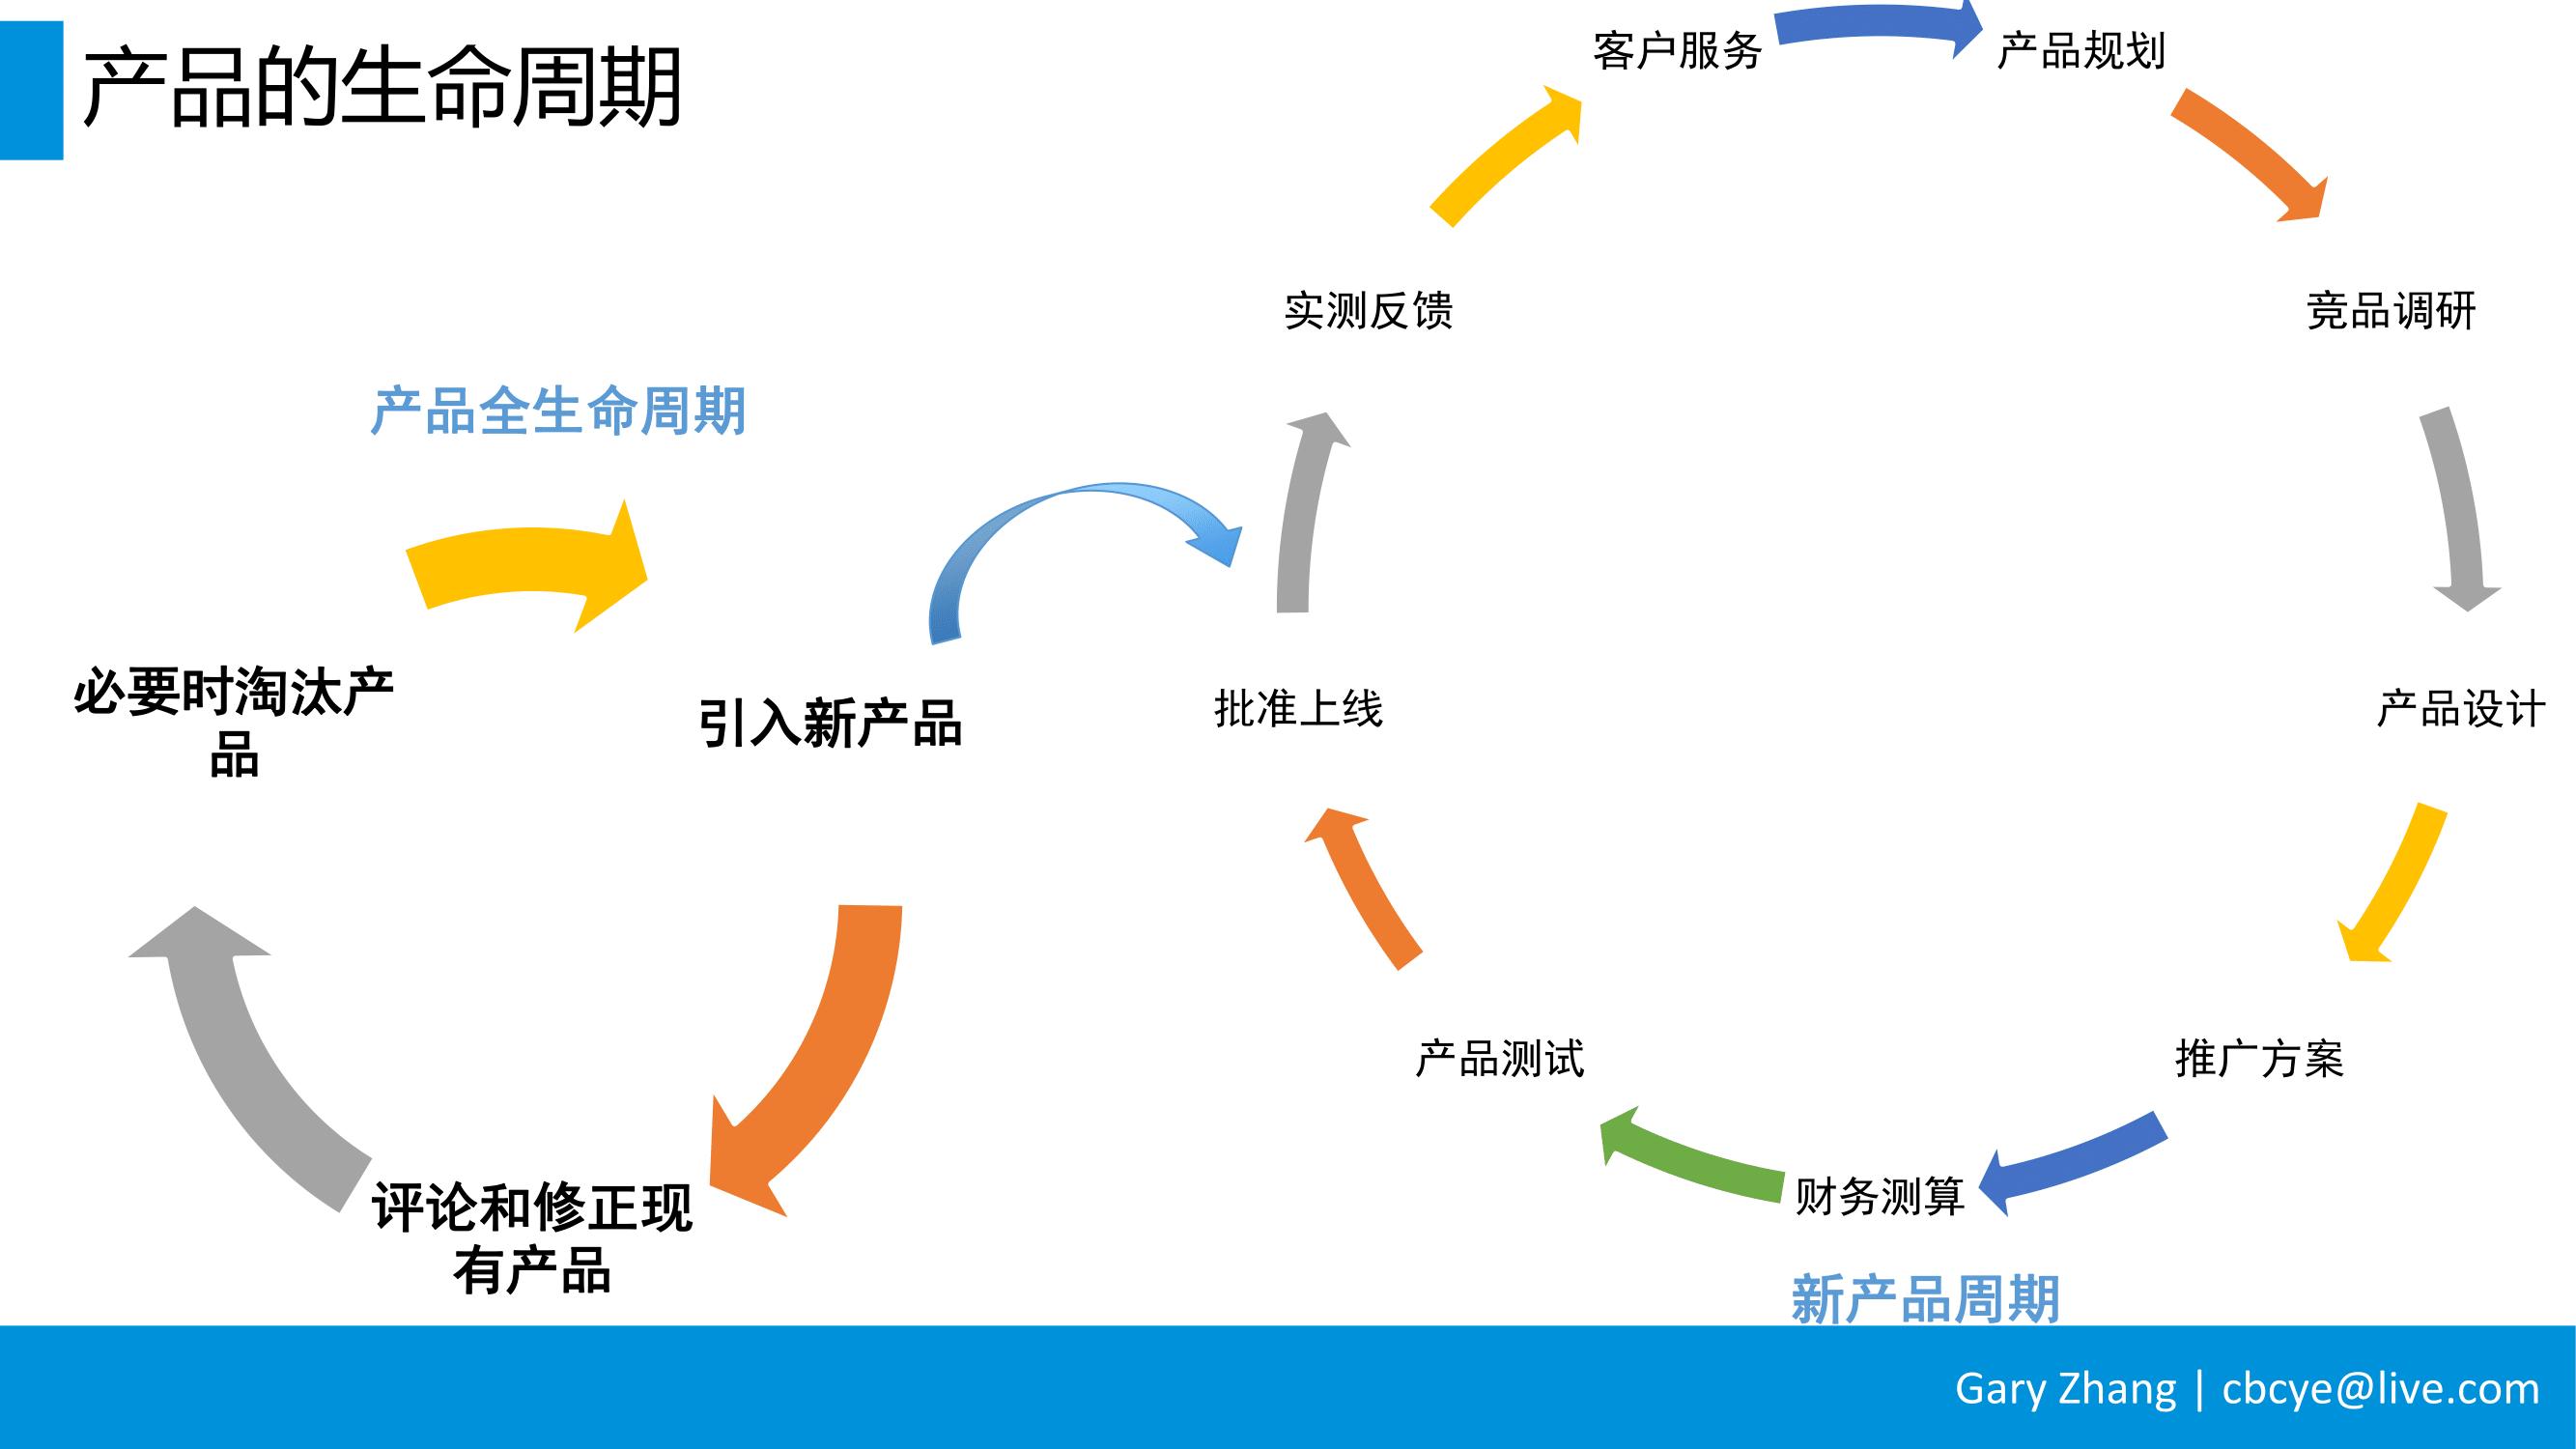 消费金融业务全流程指南_v1.0-013